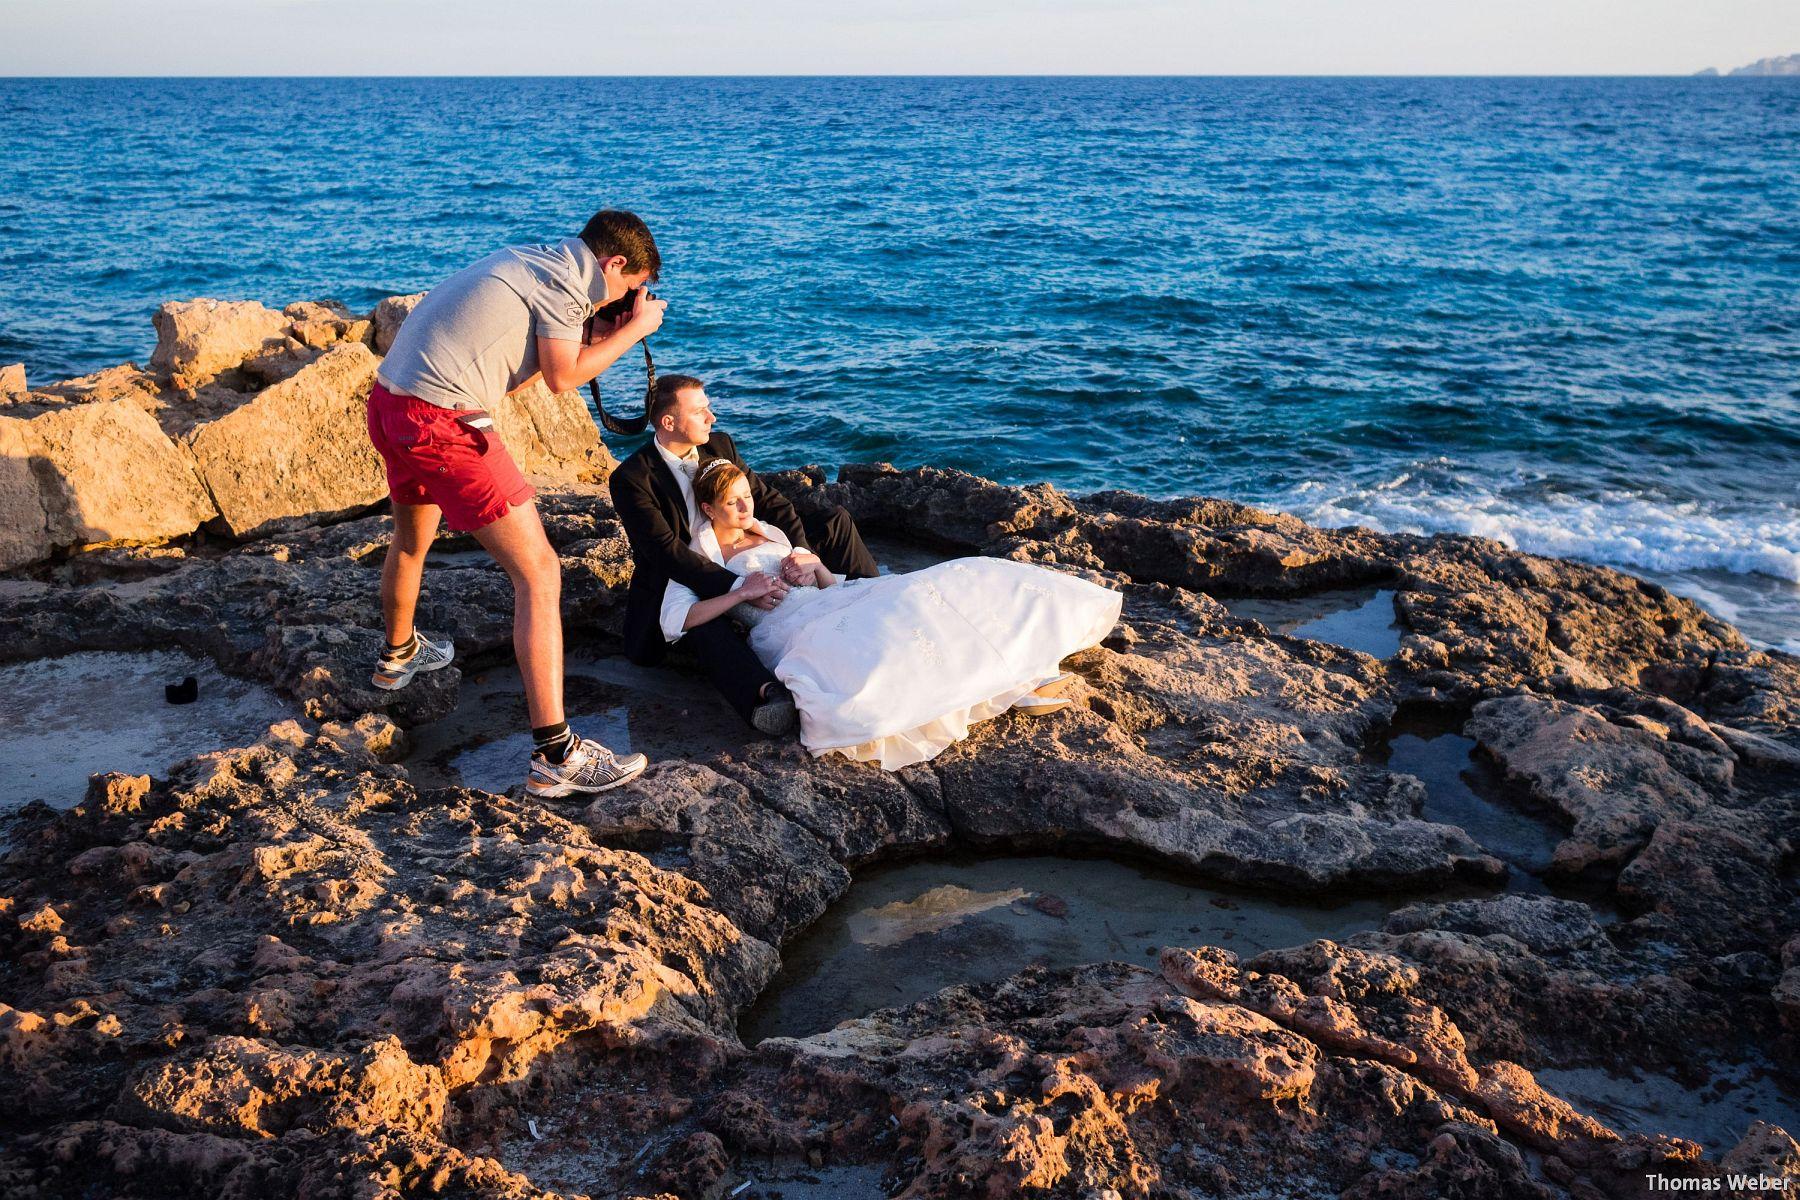 Hochzeitsfotograf Thomas Weber aus Oldenburg: Hochzeitsfotos und Paarfotos auf Mallorca (57)